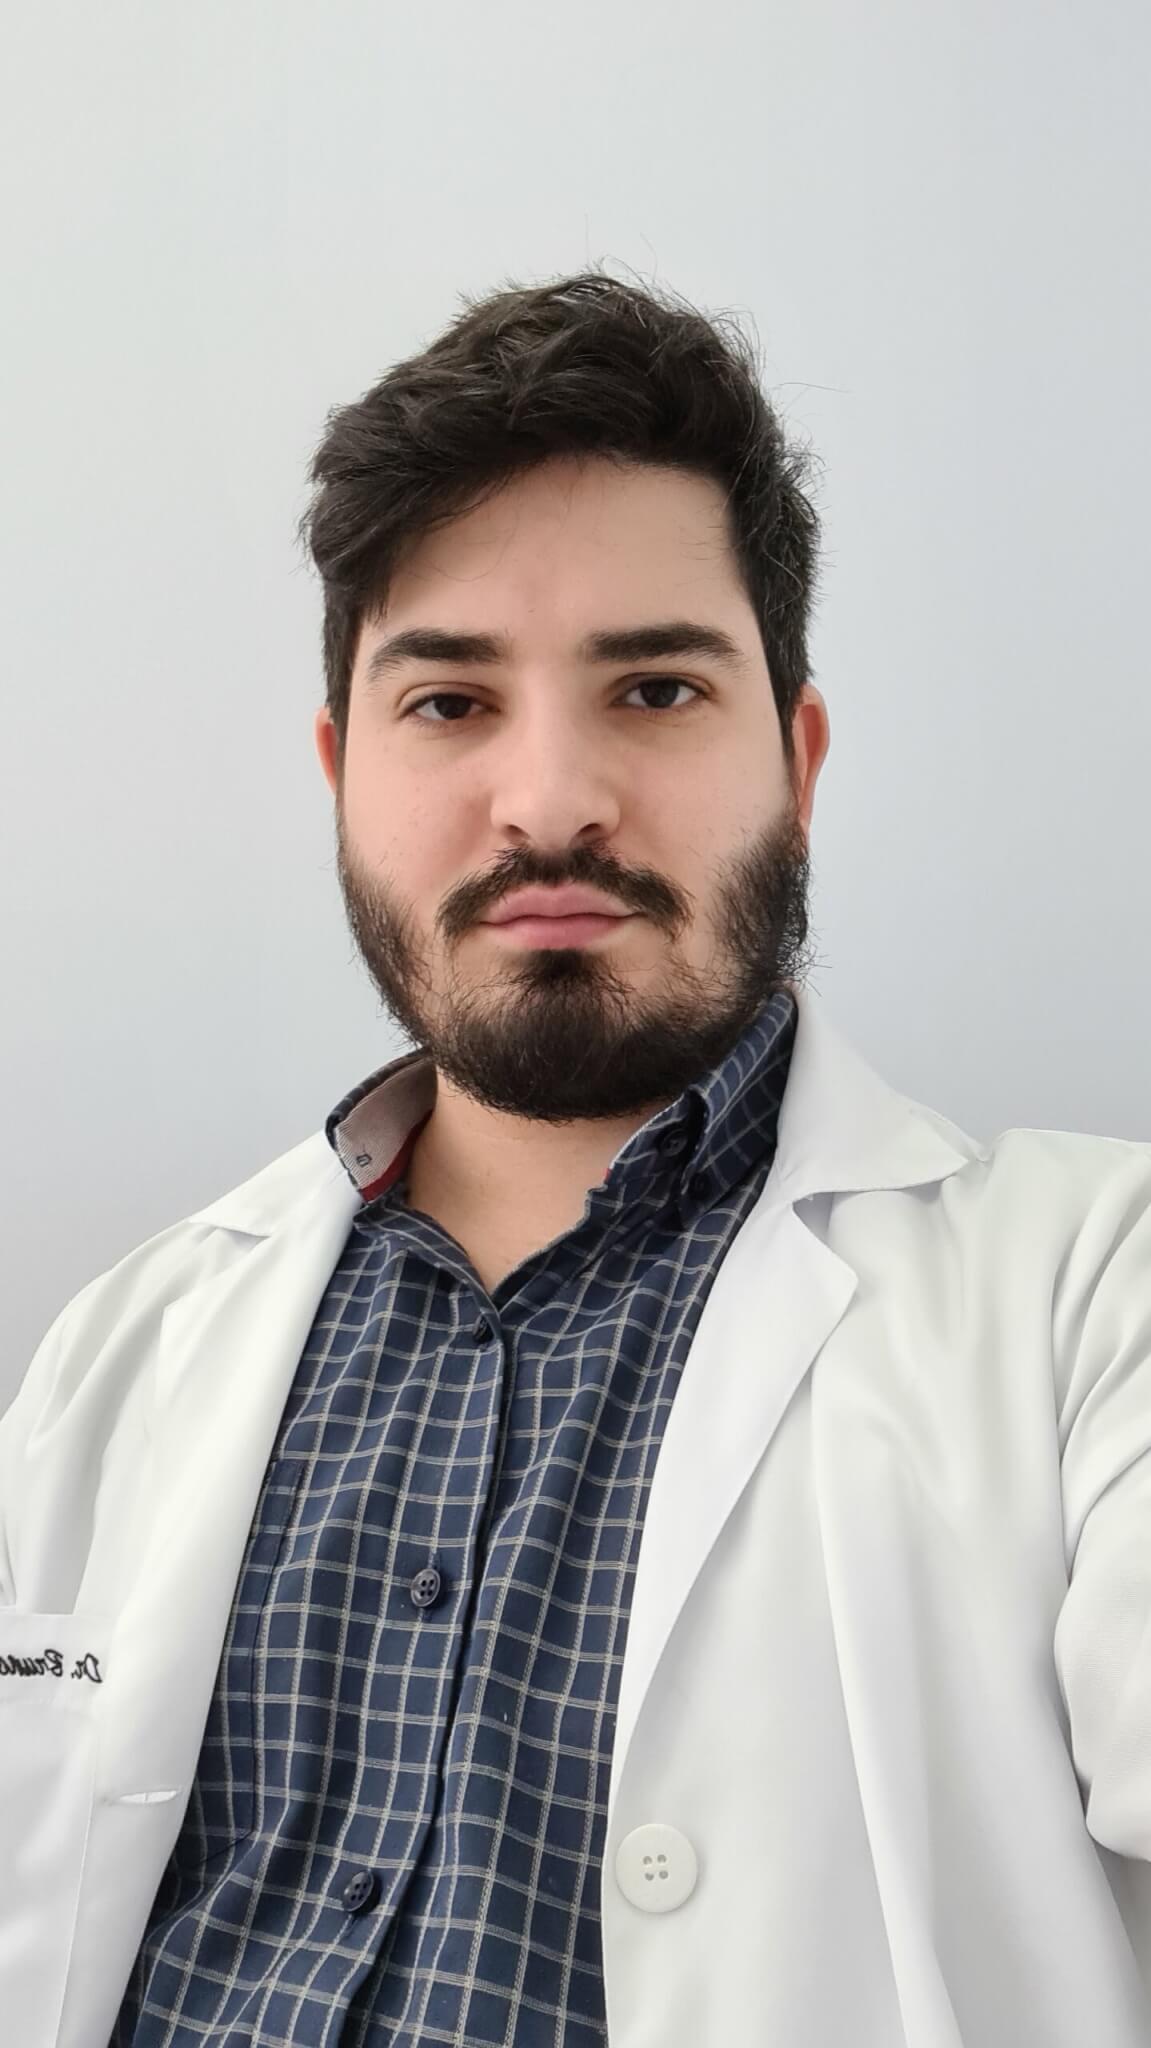 Bruno Sérgio Vasconcellos